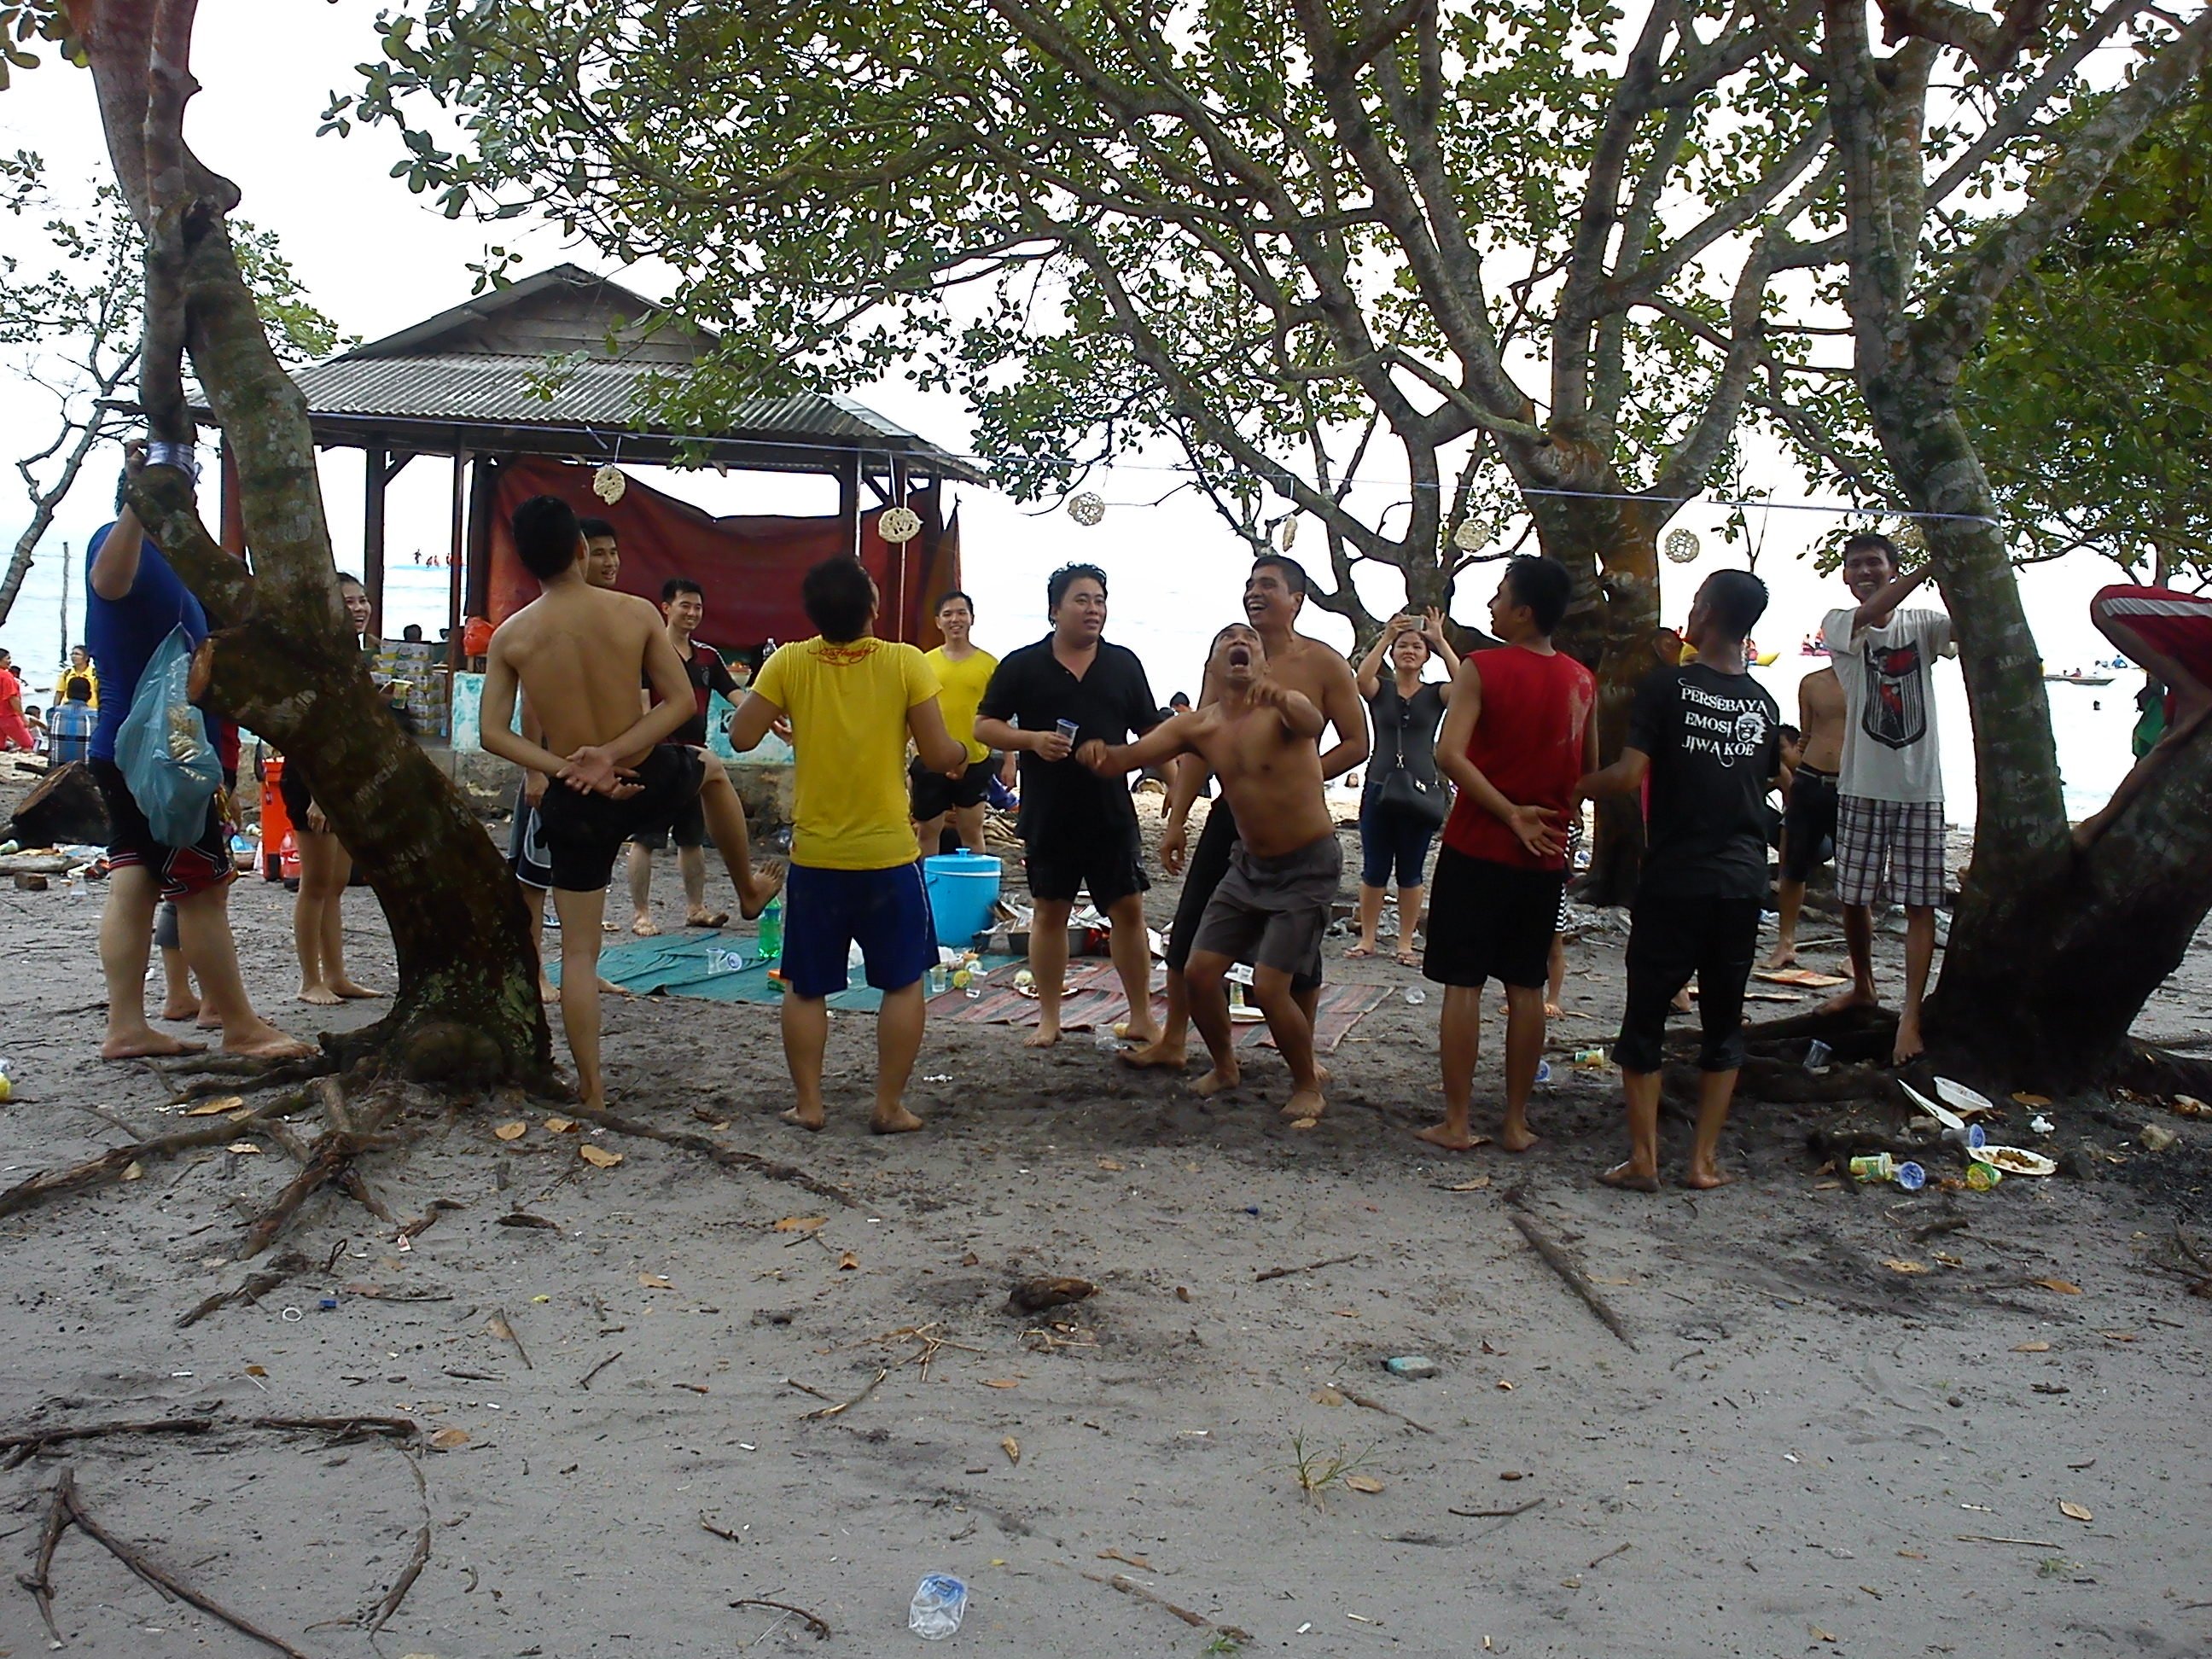 8 Jalan jalan ke Pantai Melayu Batam di Pulau Rempang, Kampung Kalat emerer.com